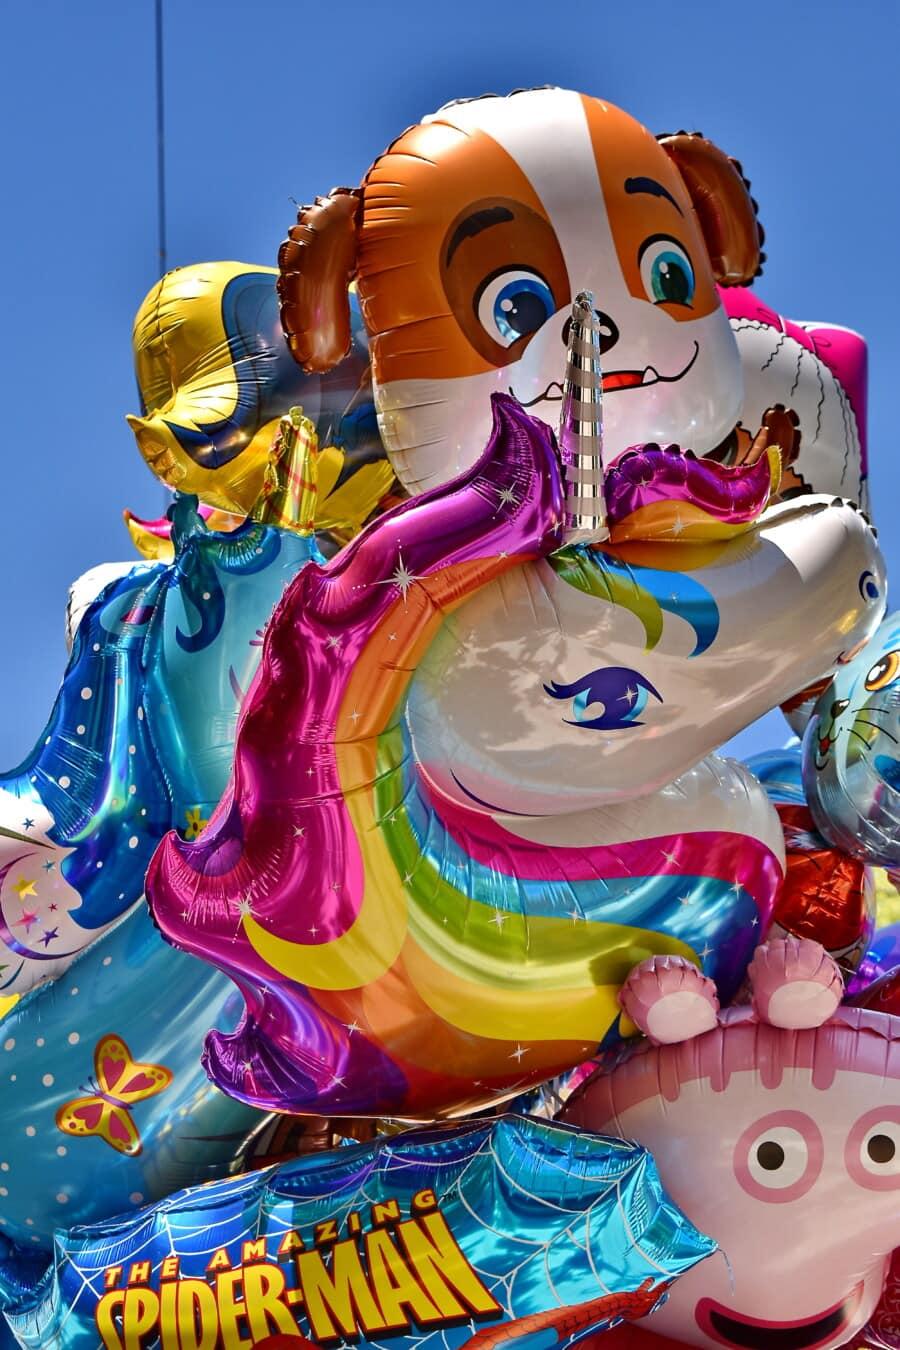 Helium, Ballon, Spielzeug, bunte, glänzend, glänzend, Unterhaltung, Spaß, Kunst, hell